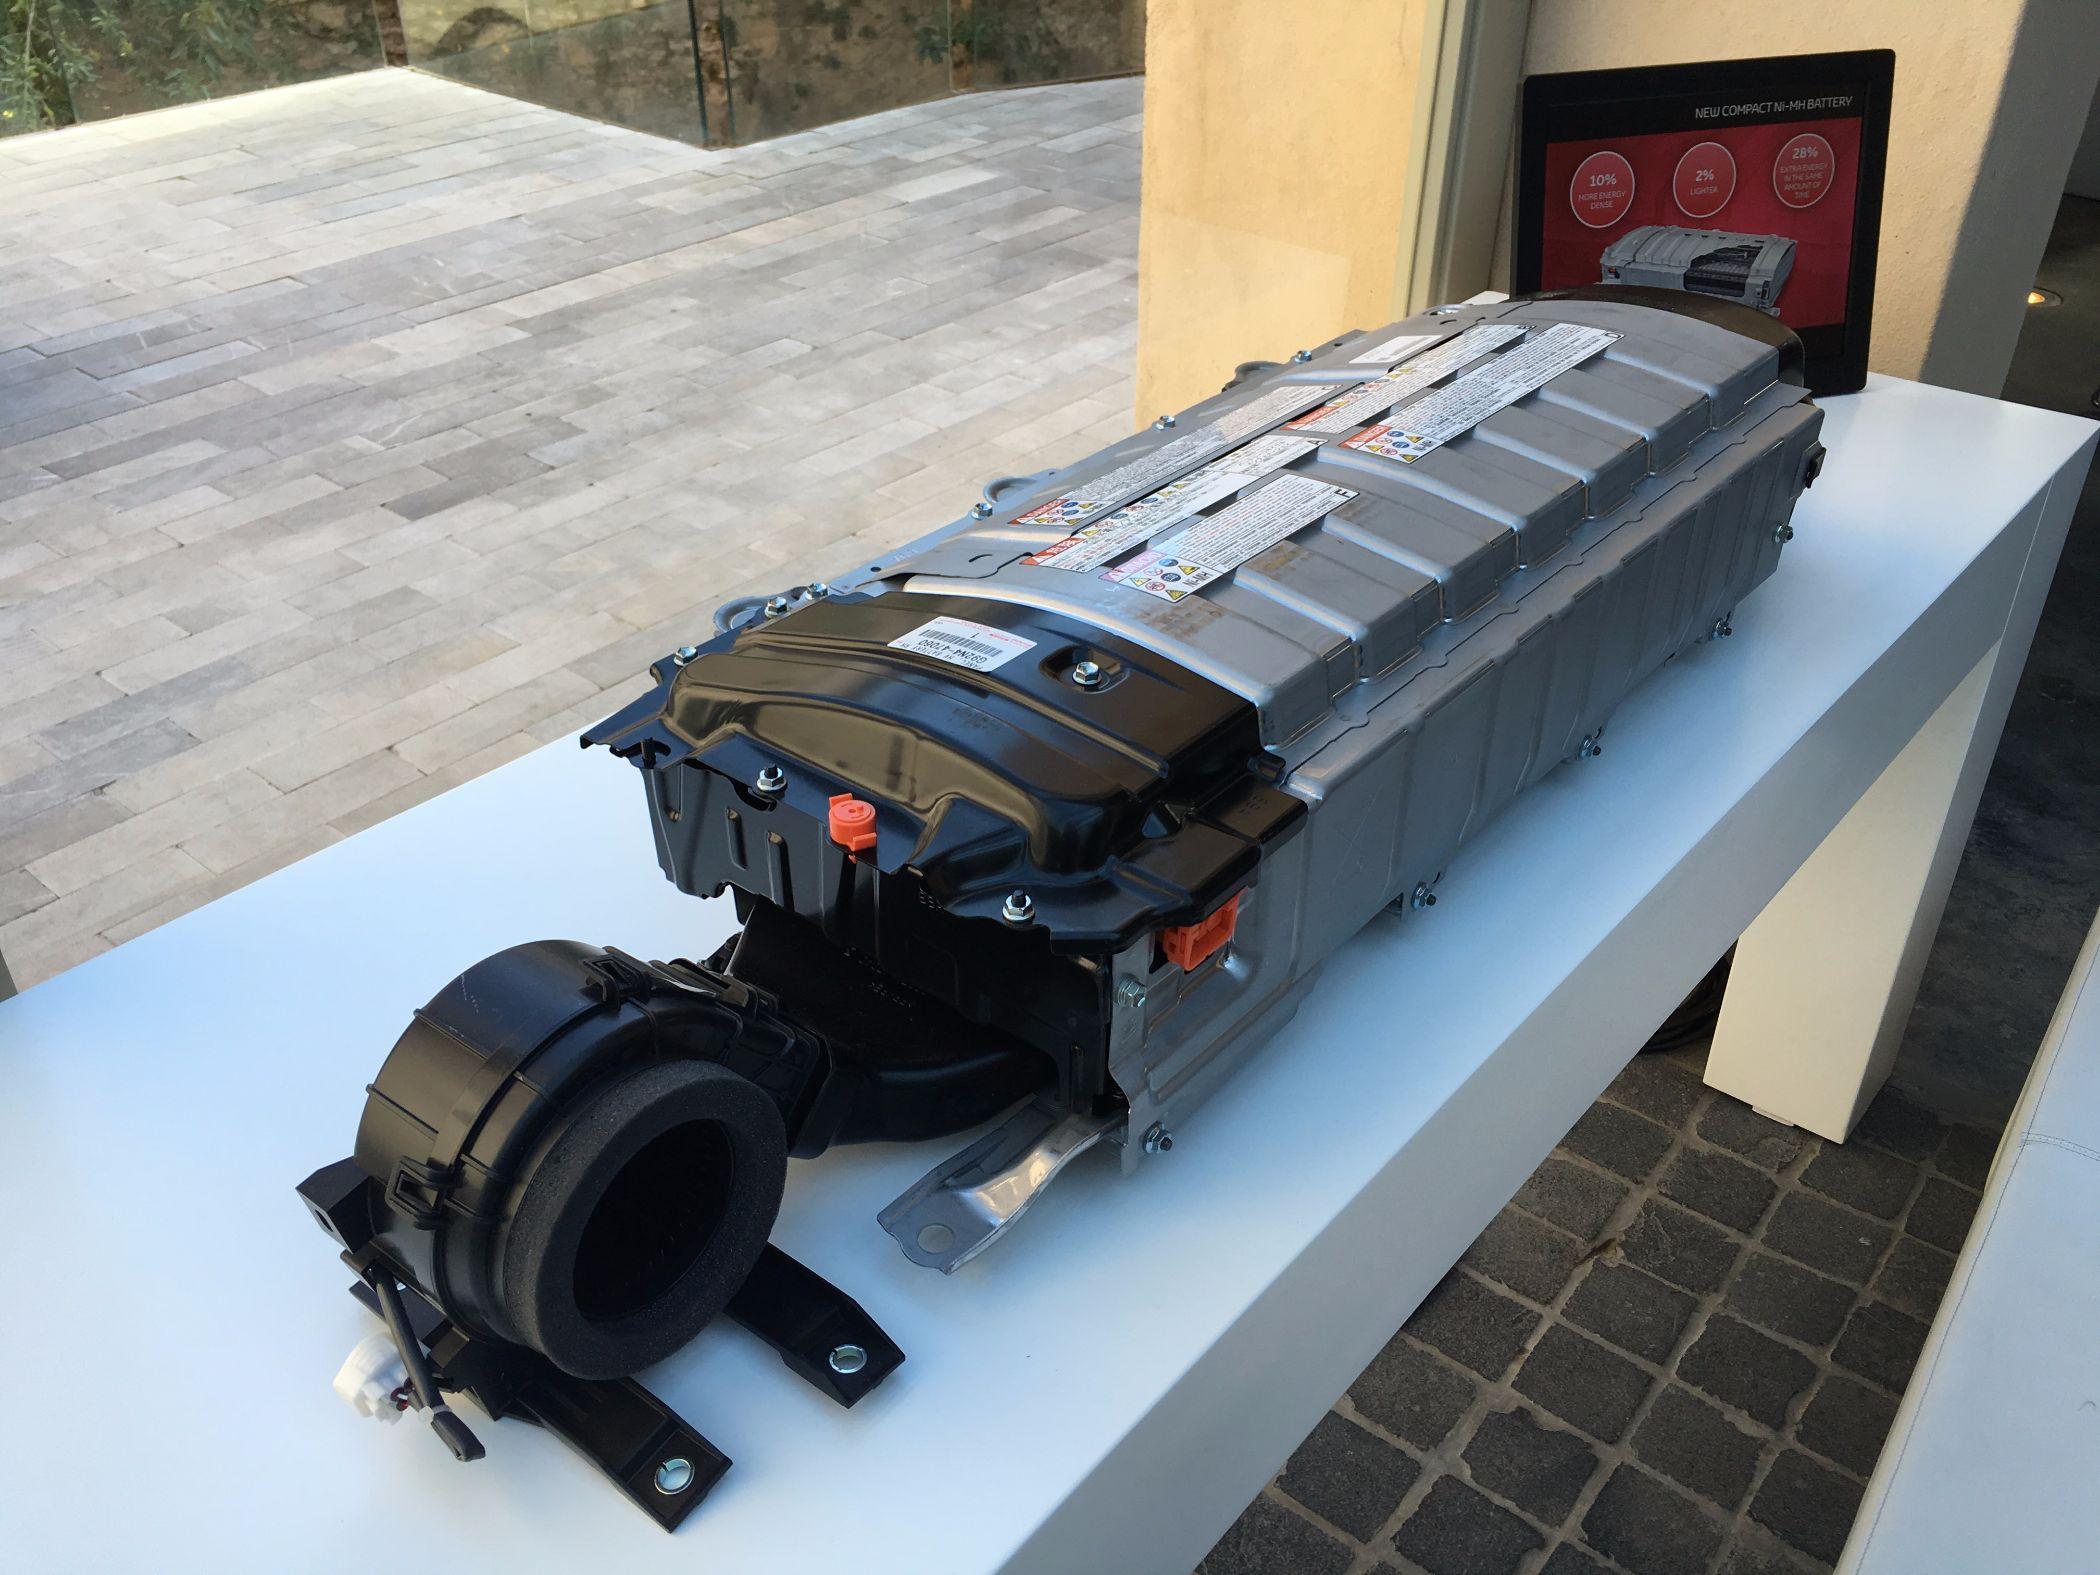 Prius Nickel-Metallhydrid-Batteriesatz, der unter der Rückbank verbaut ist